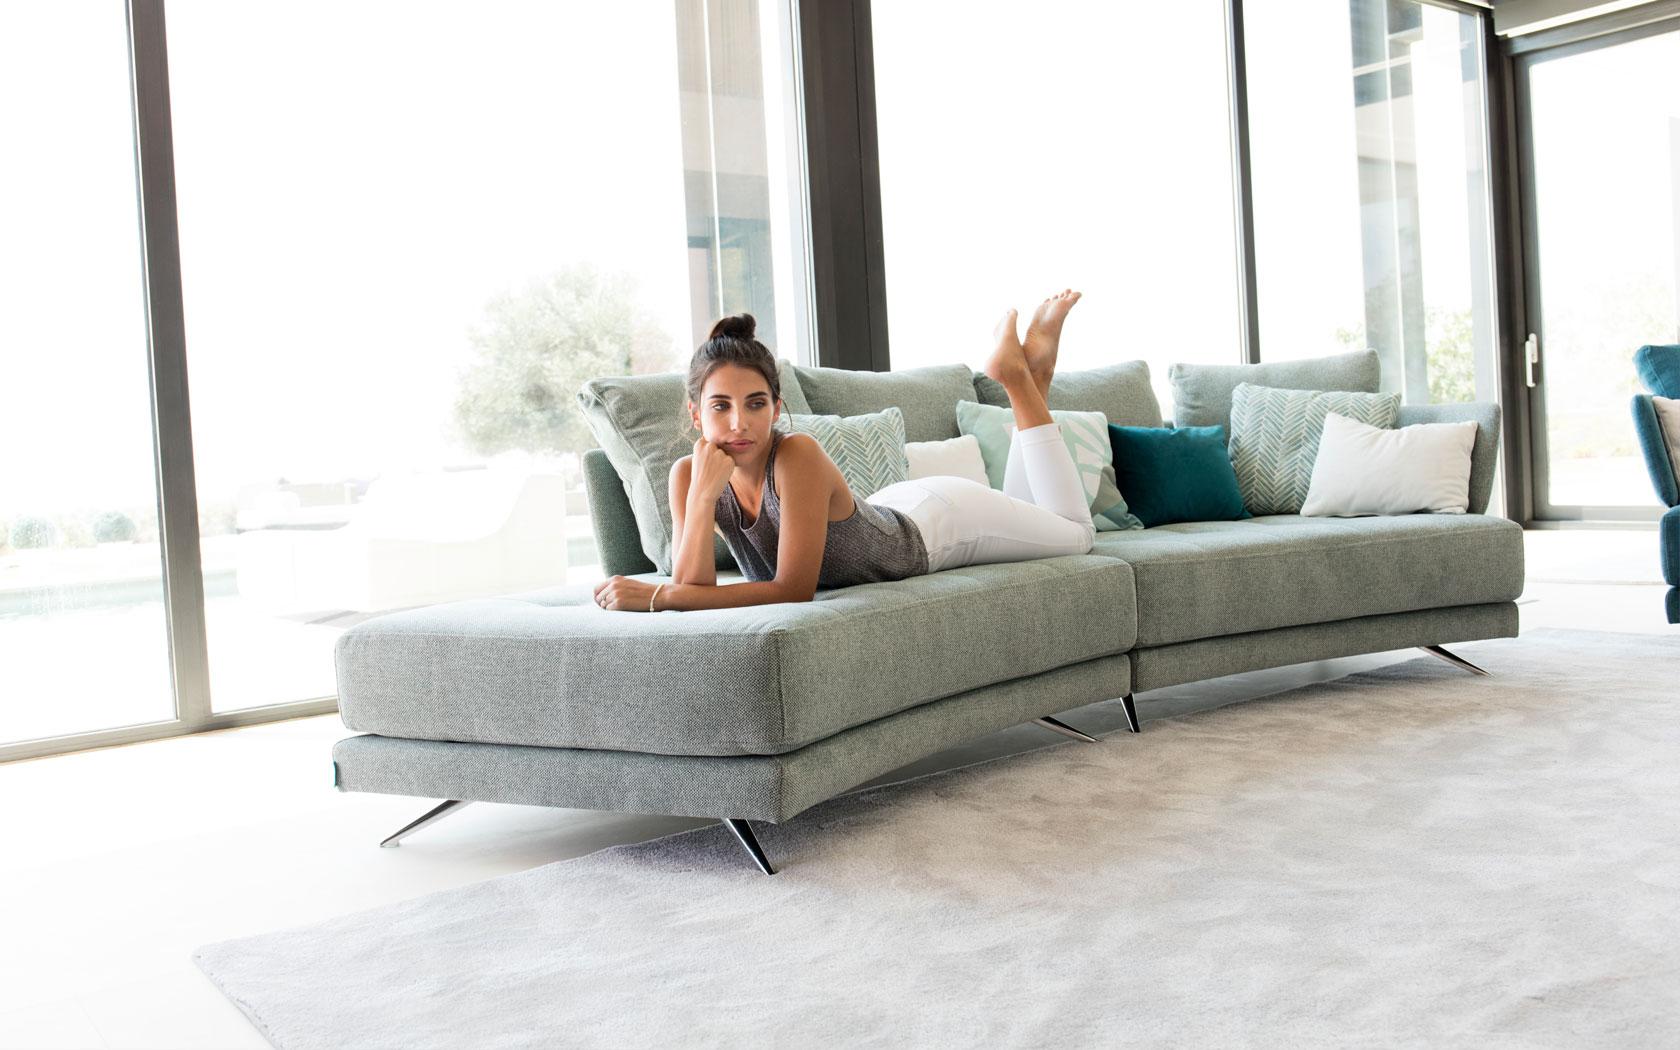 Pacific sofa Fama 2019 04